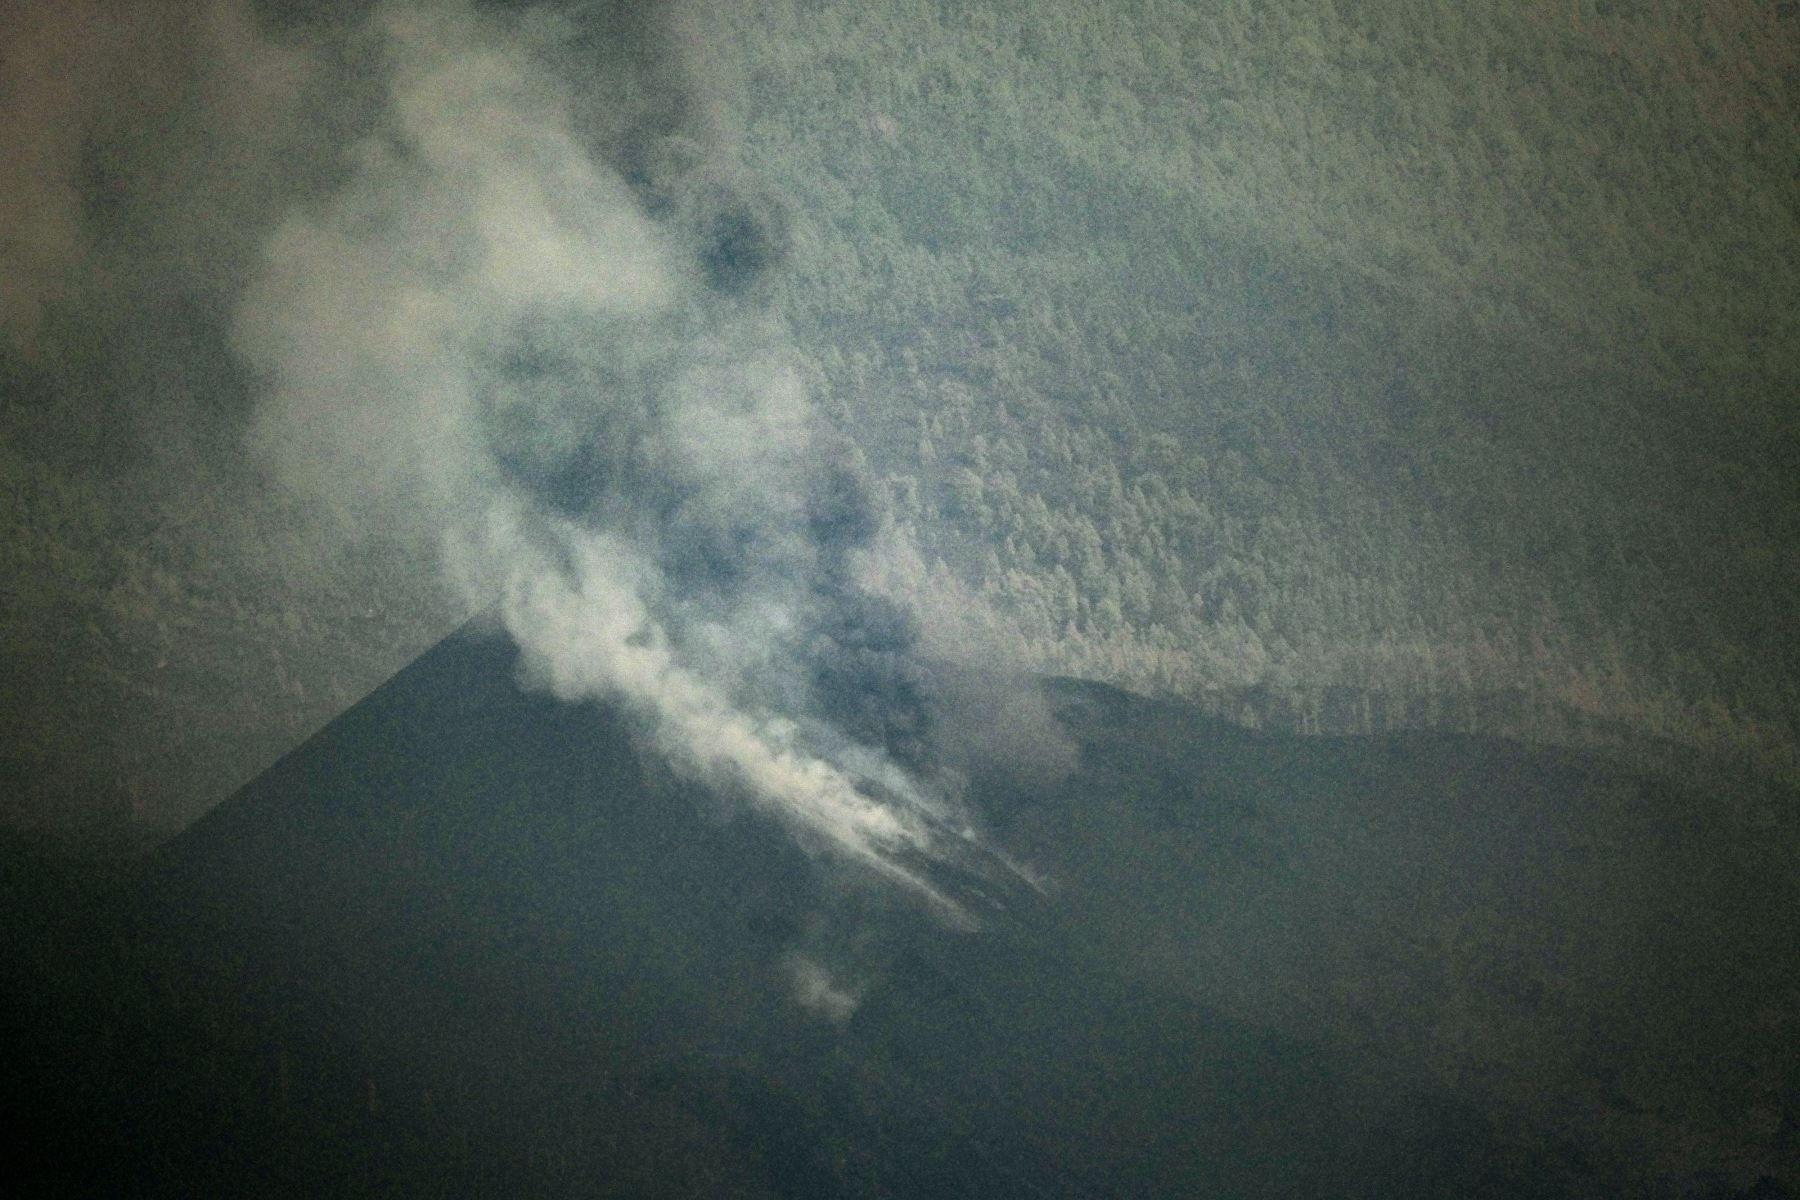 Tras pasar prácticamente medio día sin apenas actividad, hoy lunes a las 18:45 la erupción del volcán Cumbre Vieja ha comenzado nuevamente a expulsar lava entre explosiones intermitentes. EFE/Ángel Medina G.